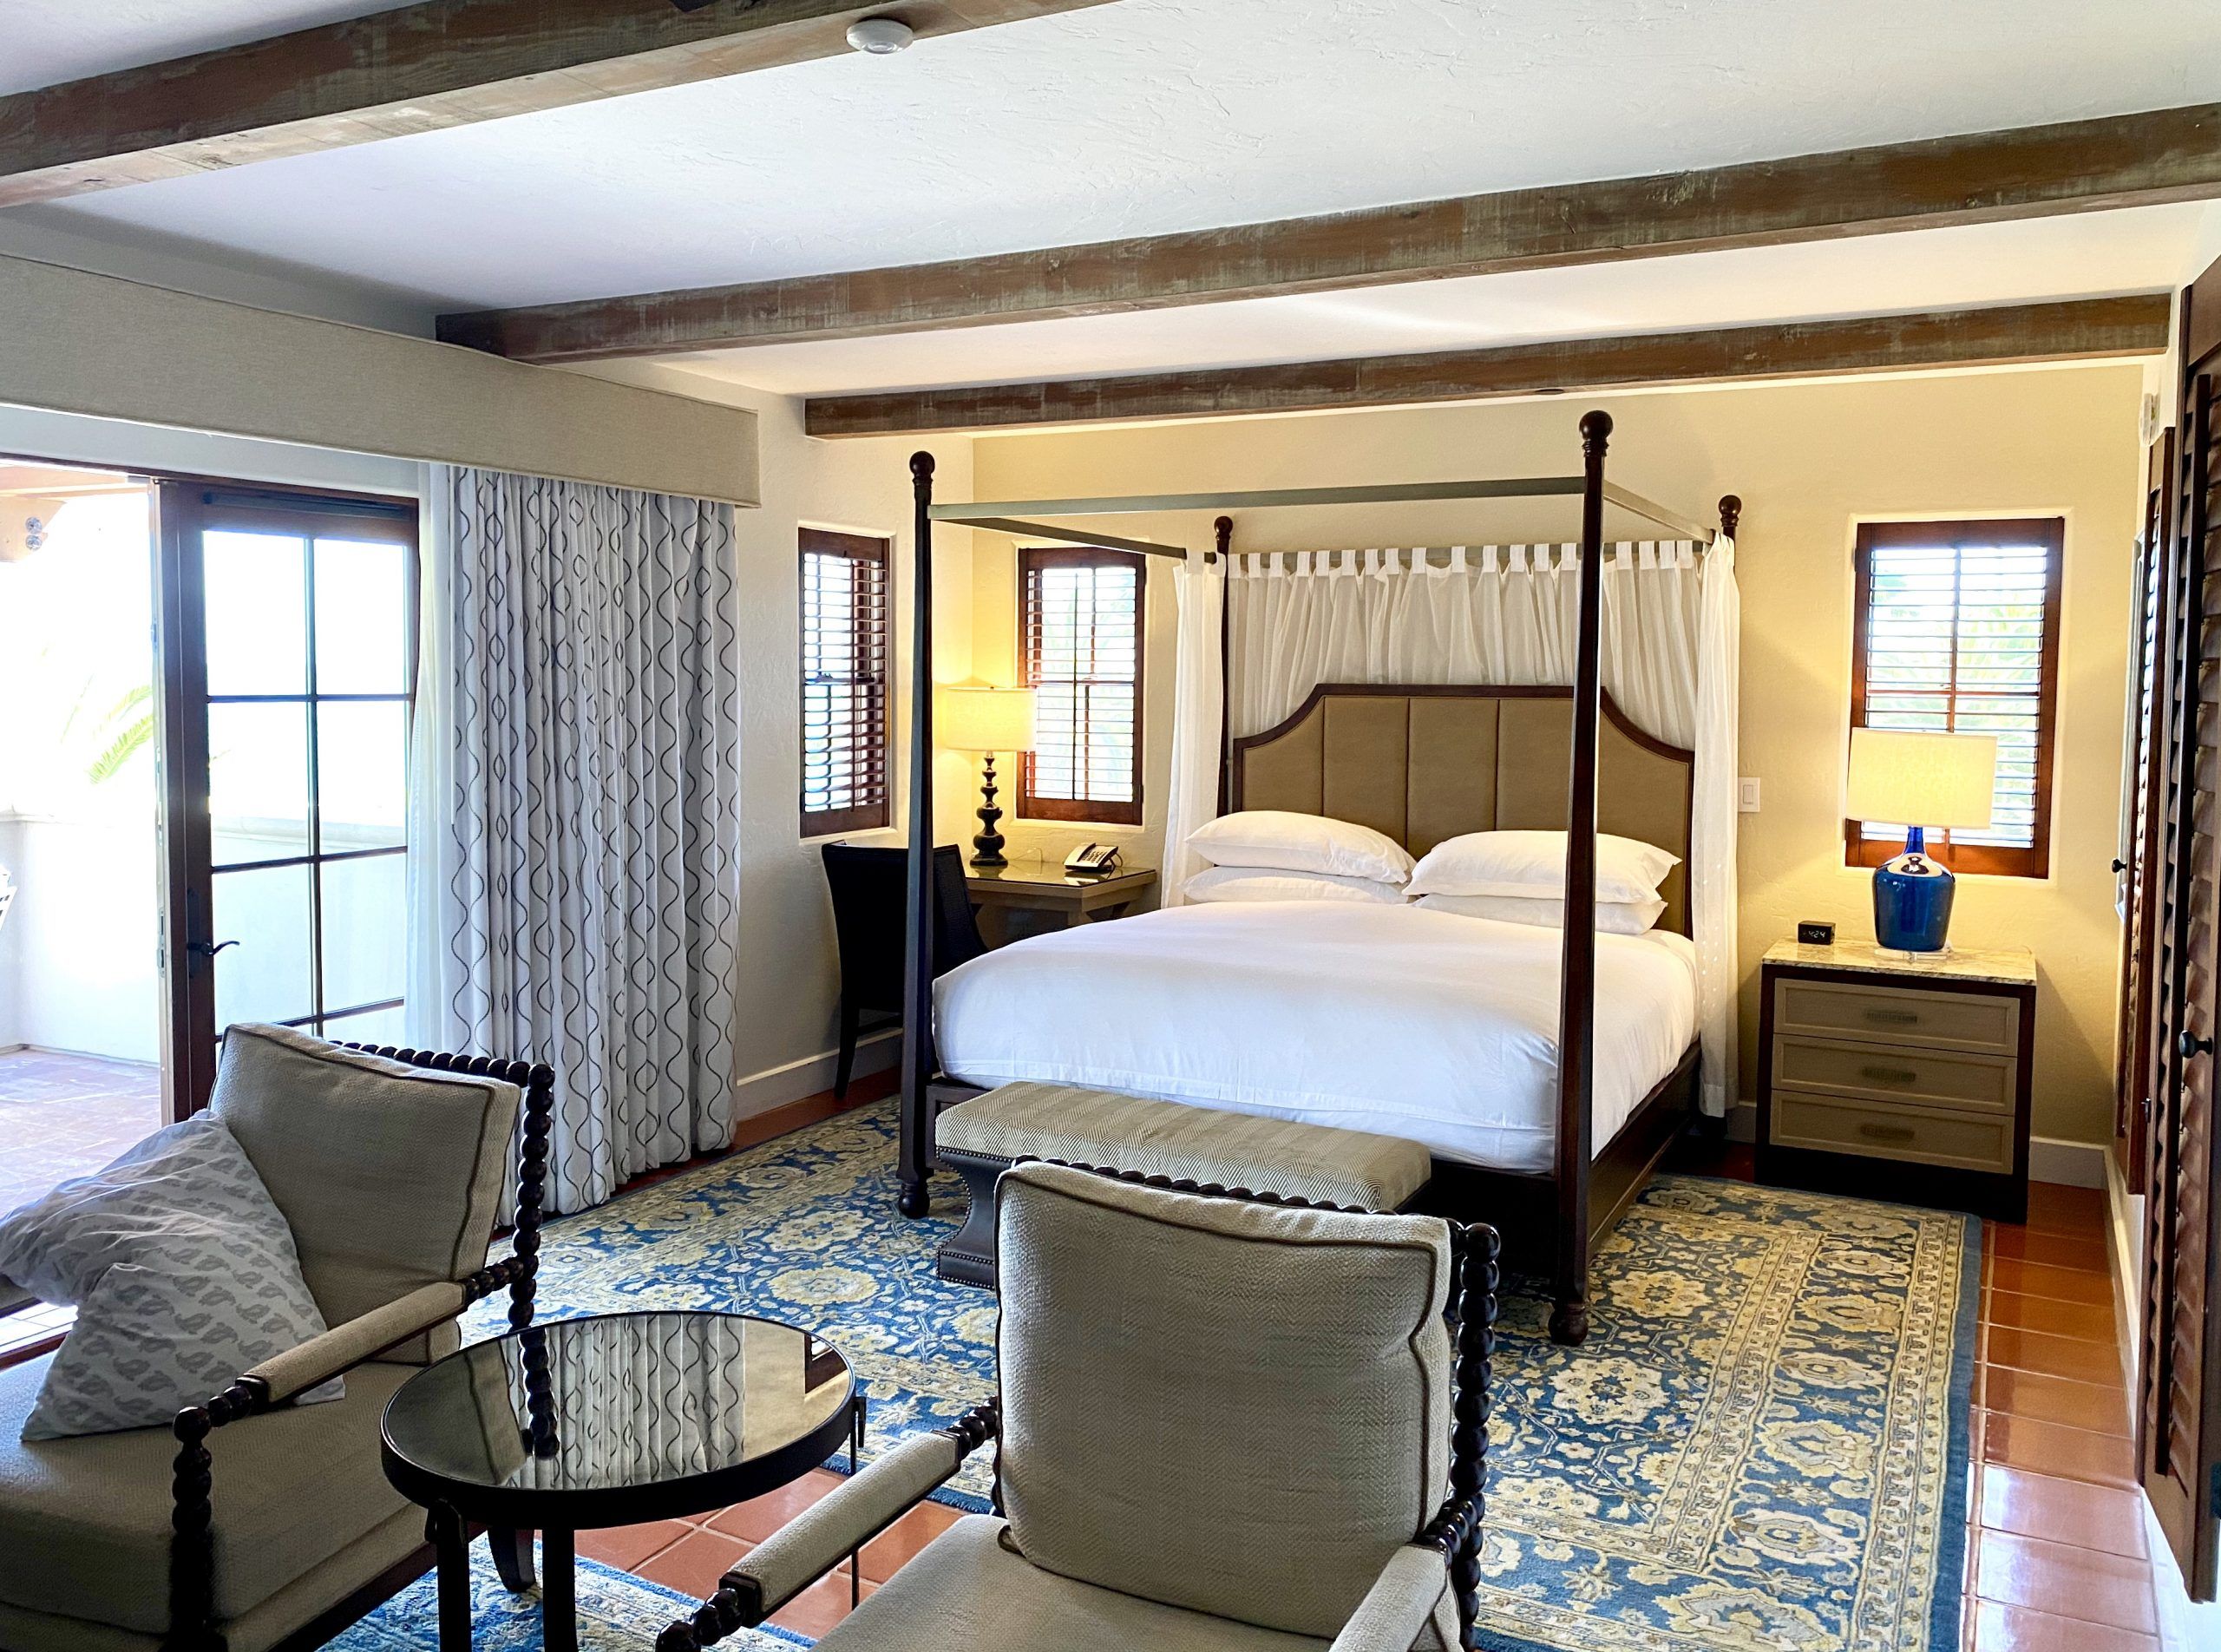 Ocean view suite interior at Ritz-Carlton Bacara Resort, Santa Barbara, CA